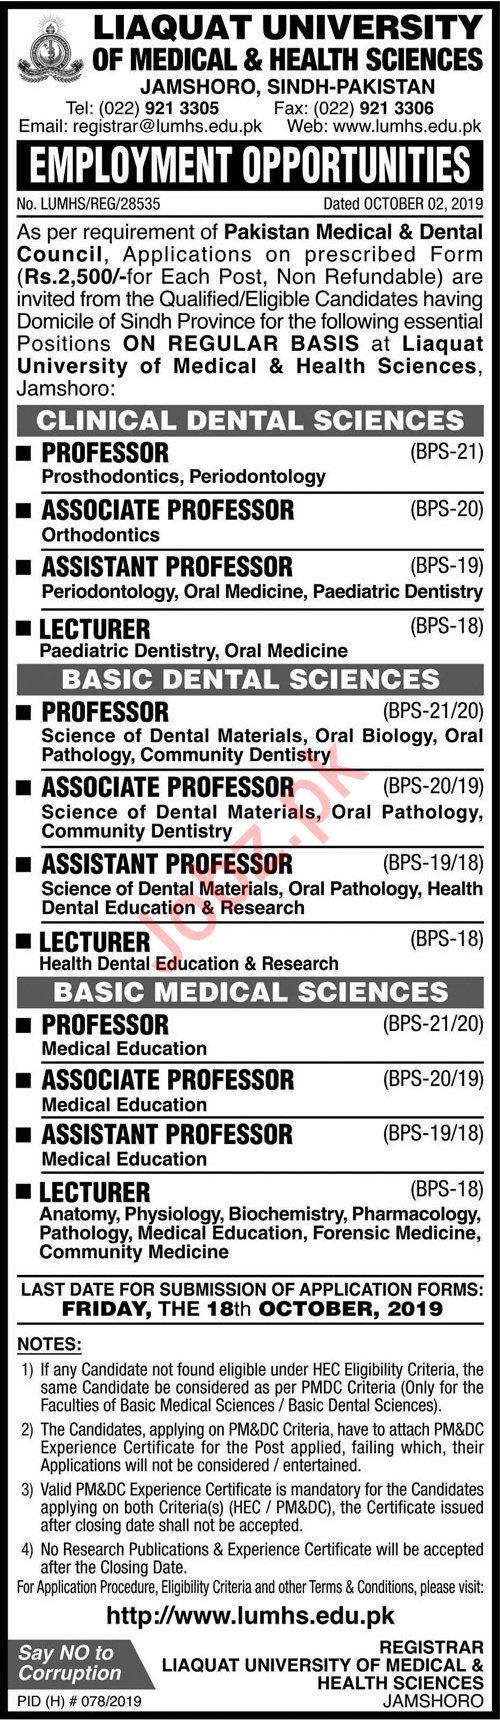 Liaquat University of Medical & Health Sciences Jobs 2019